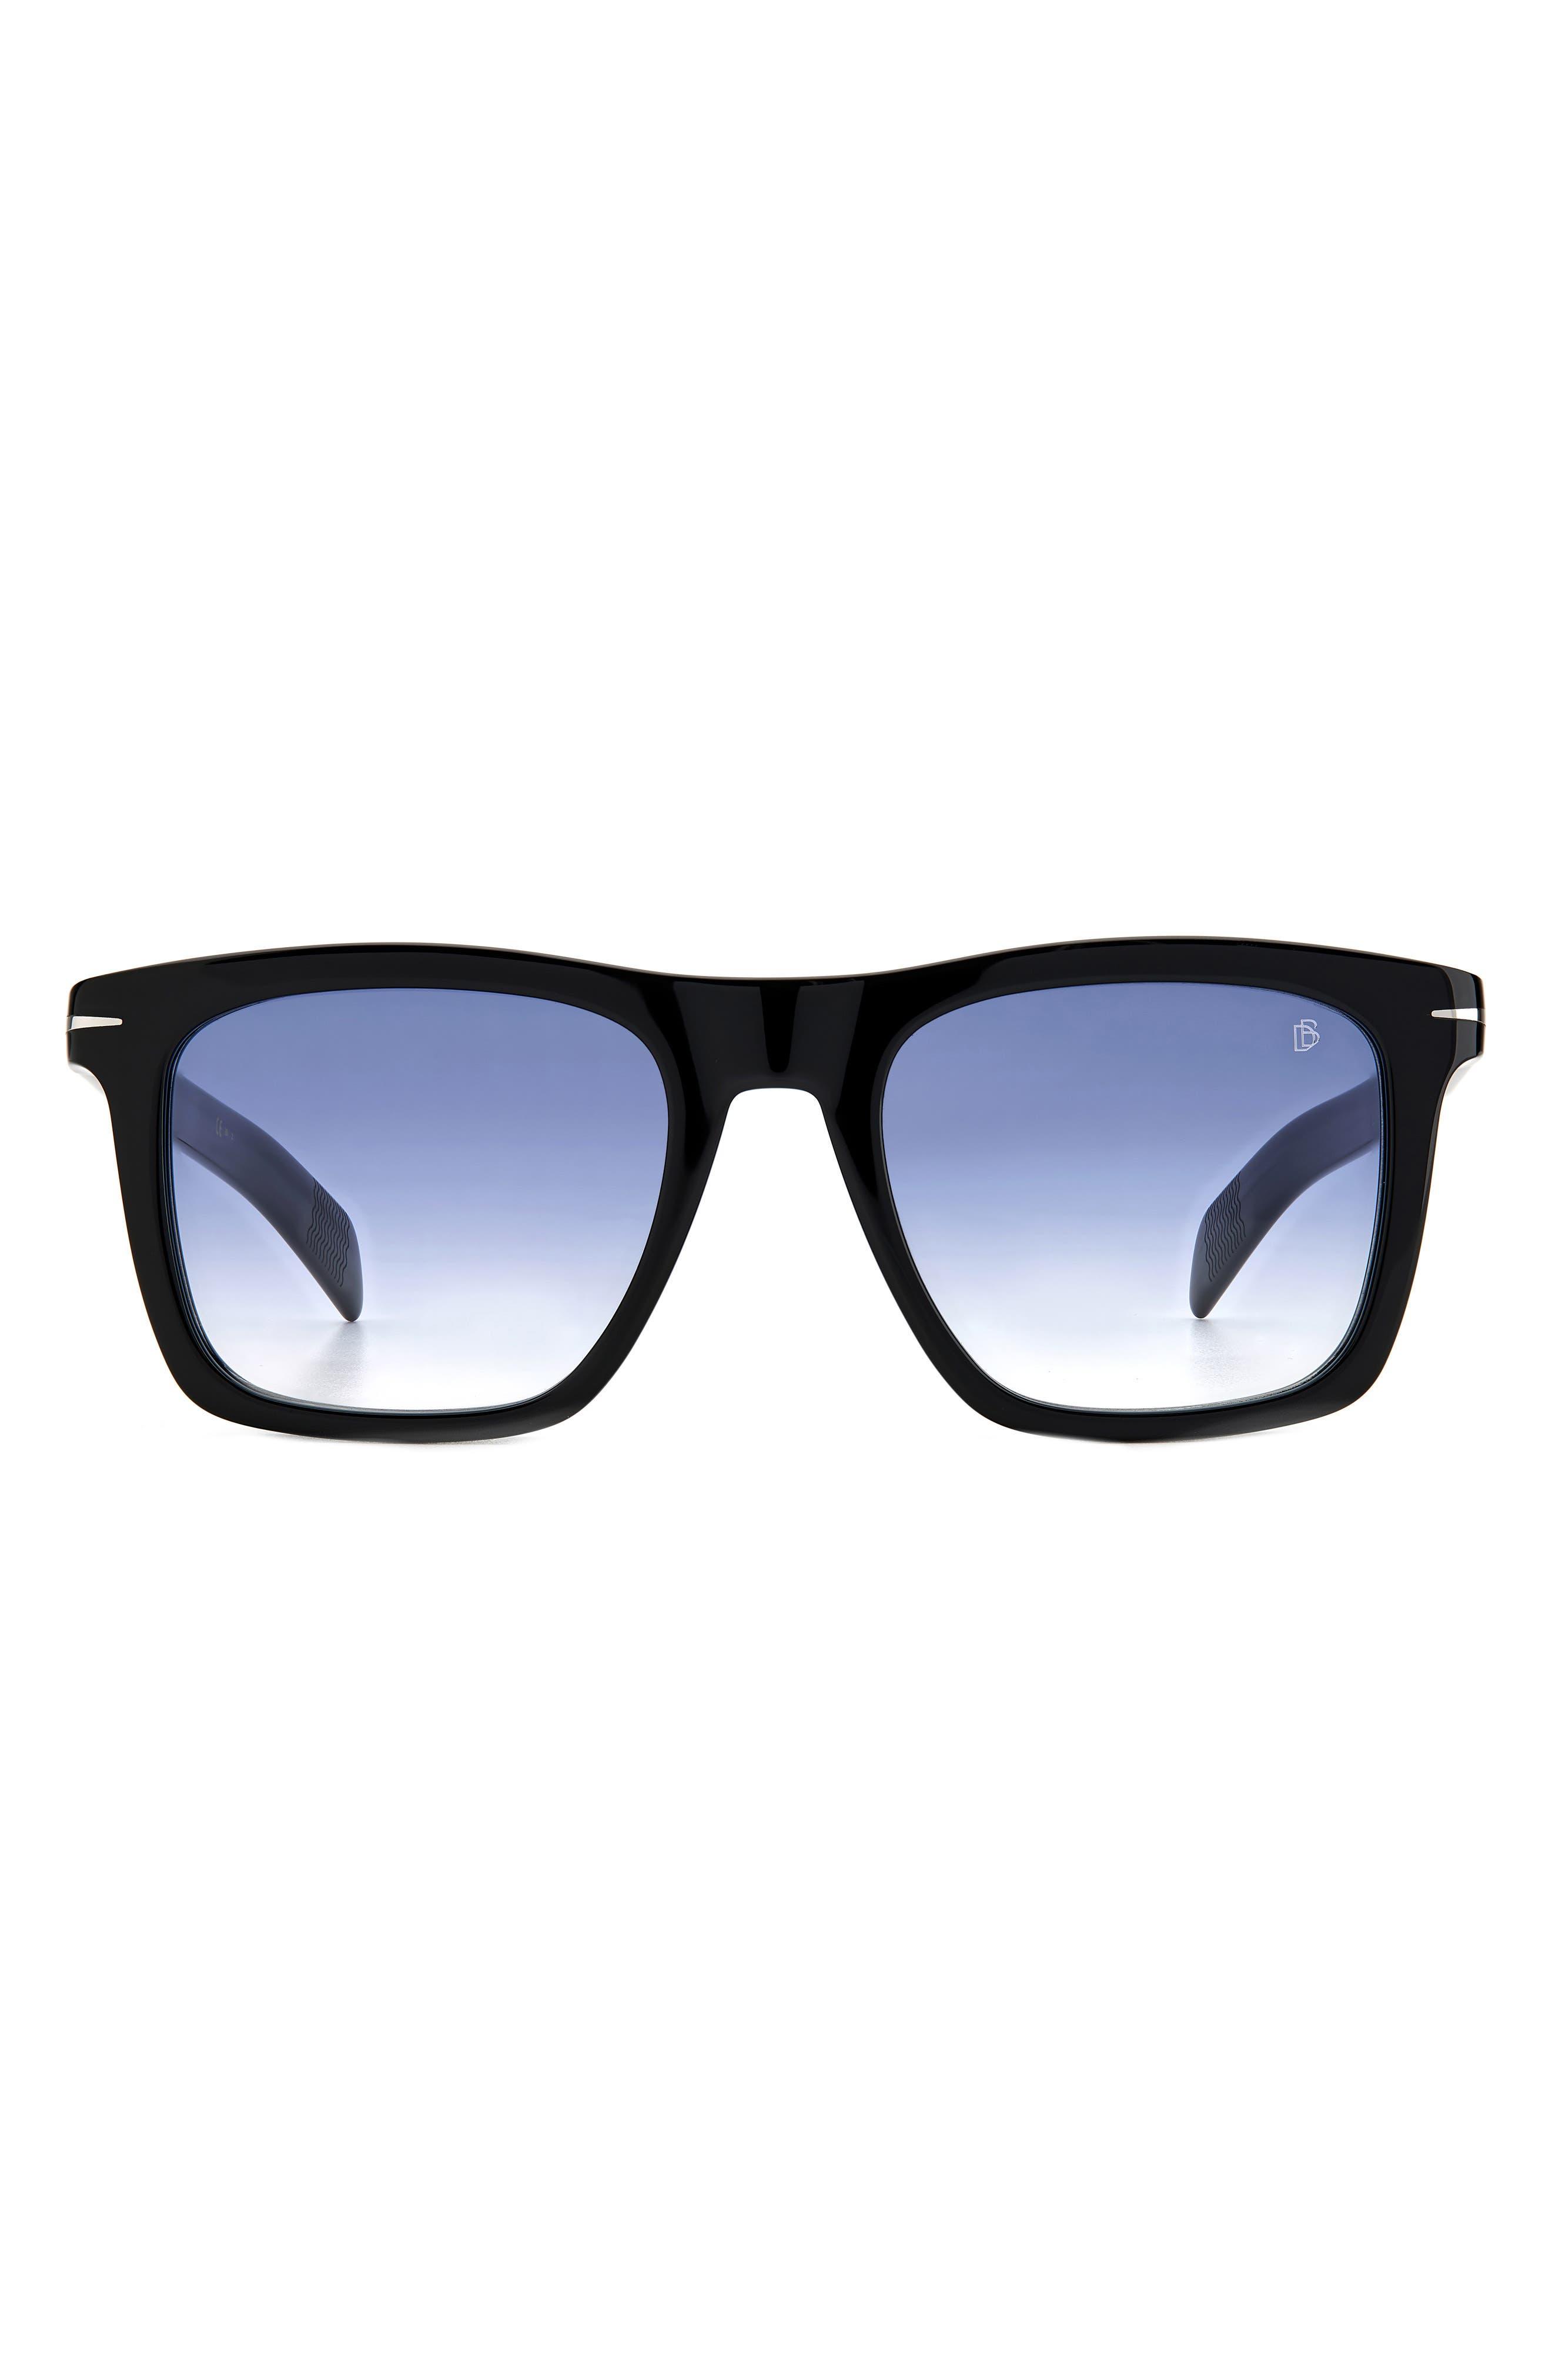 51mm Gradient Rectangular Sunglasses